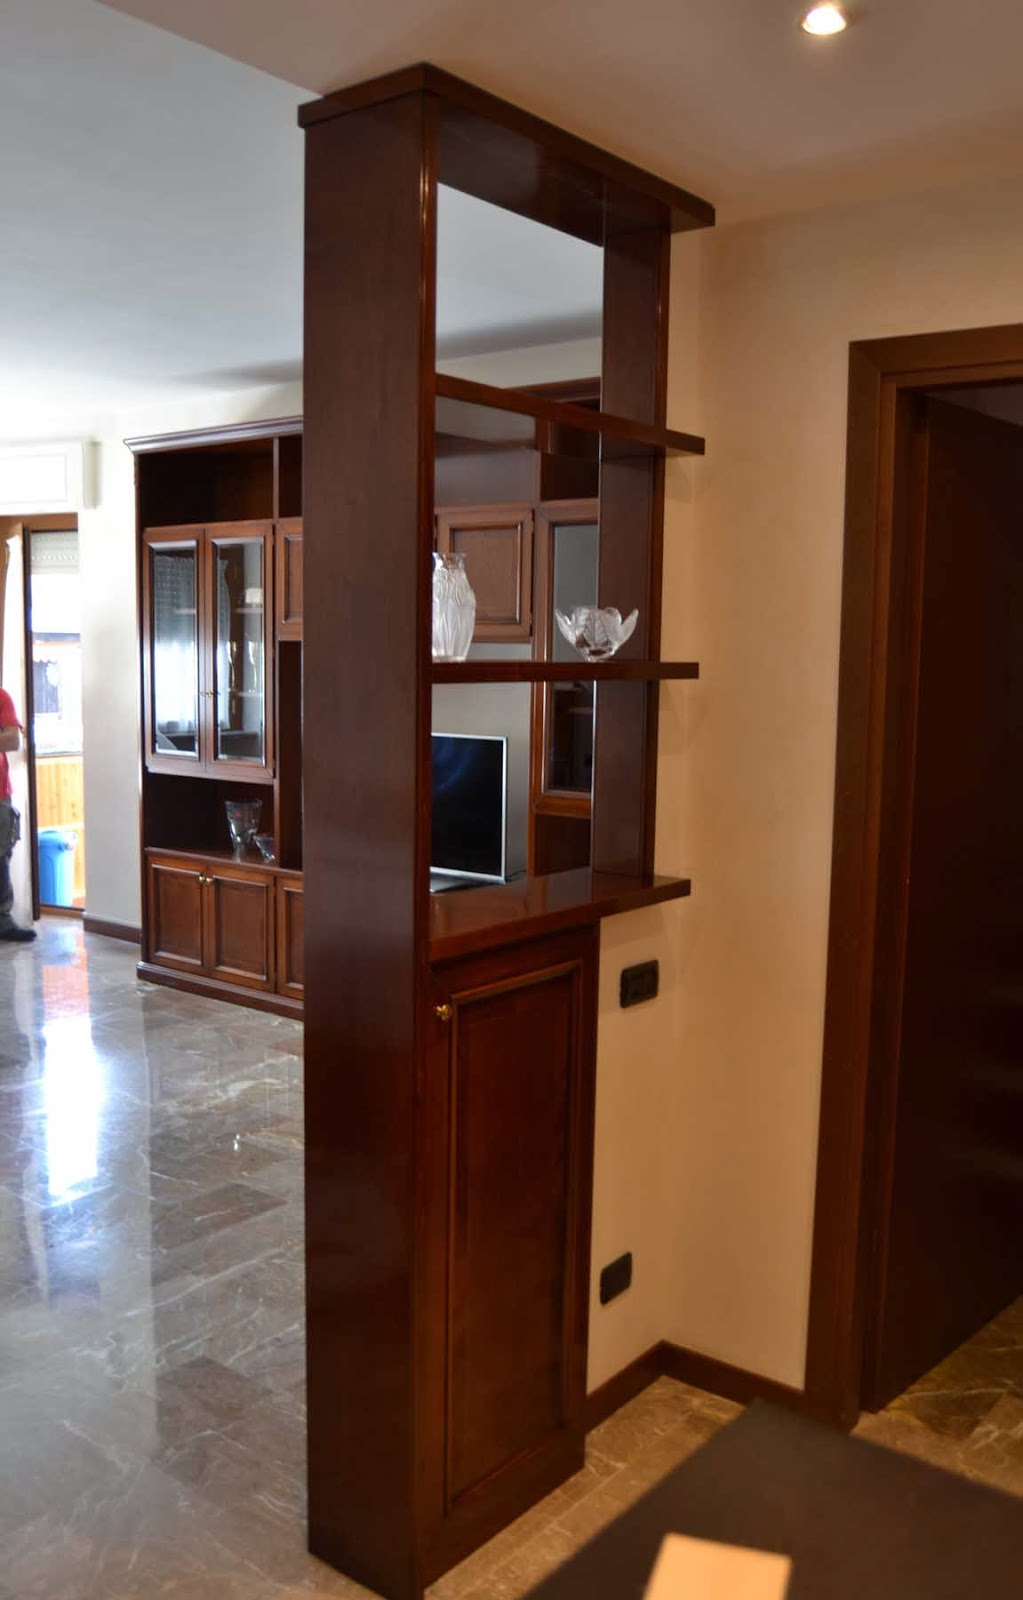 Soggiorno classico - Mobili divisori per soggiorno ...